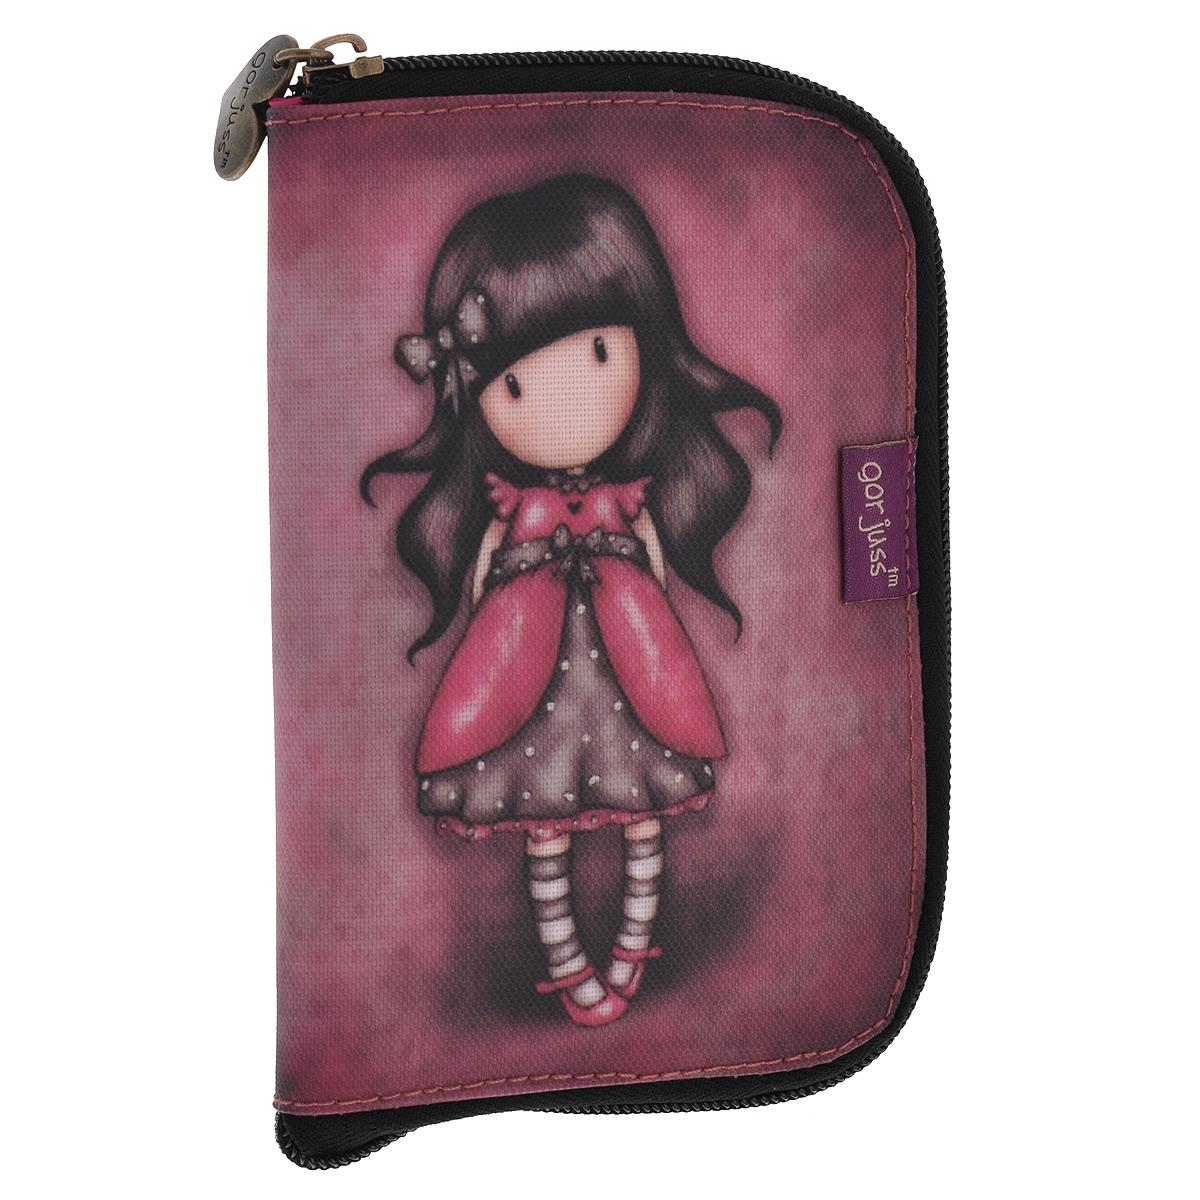 Складывающаяся сумка для покупок Ladybird, цвет: малиновый. 00122120012212Складывающаяся сумка для покупок с милой девочкой непременно порадует вас или станет прекрасным подарком. Сумка складывается в симпатичный чехольчик на молнии, сама сумка выполнена из текстиля малинового цвета с орнаментом и имеет две удобные ручки. Сумка очень удобна в использовании - ее легко раскладывать и складывать. Характеристики: Материалы: текстиль, ПВХ, металл. Размер чехла на молнии: 10,5 см x 16 см x 1,5 см. Размер сумки в разложенном виде: 54 см х 35 см х 17 см.